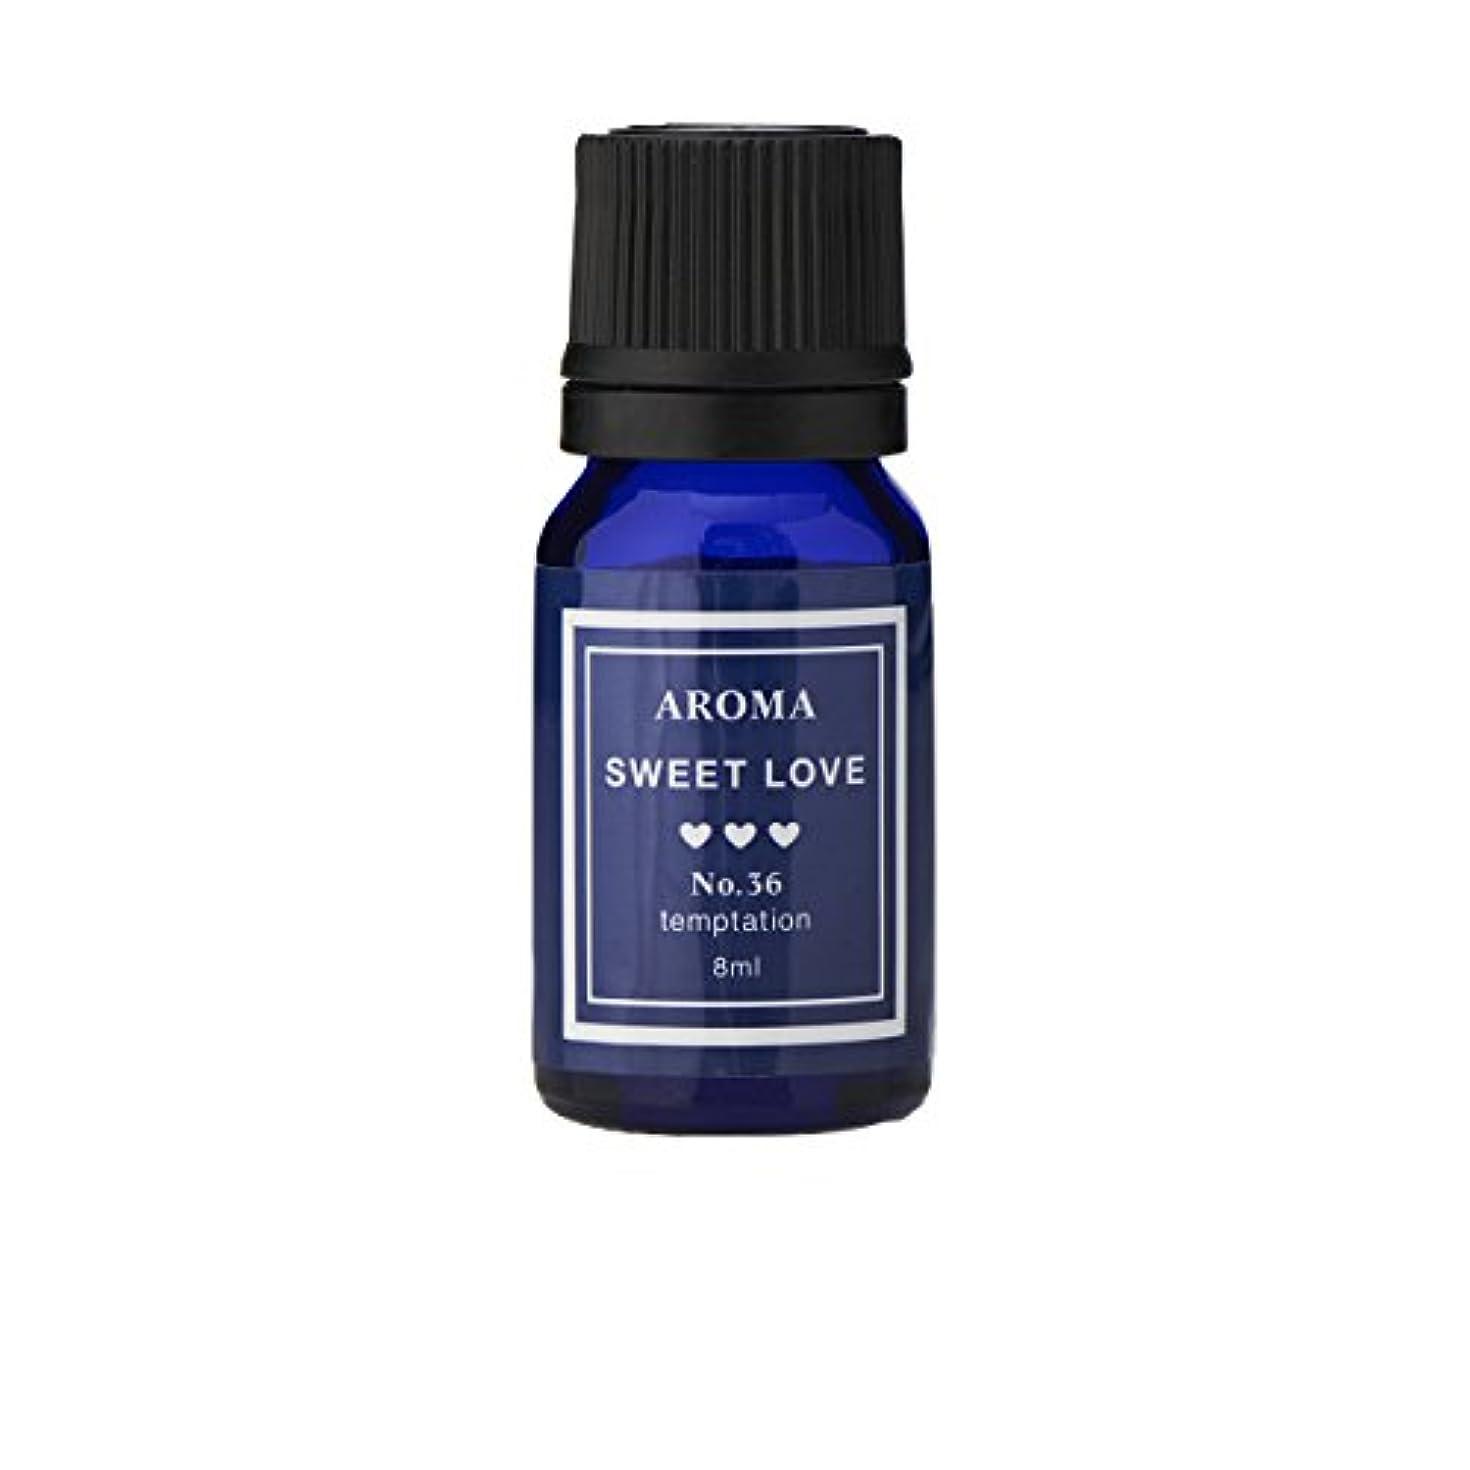 ブルーラベル アロマエッセンス8ml スイートラブ(アロマオイル 調合香料 芳香用)